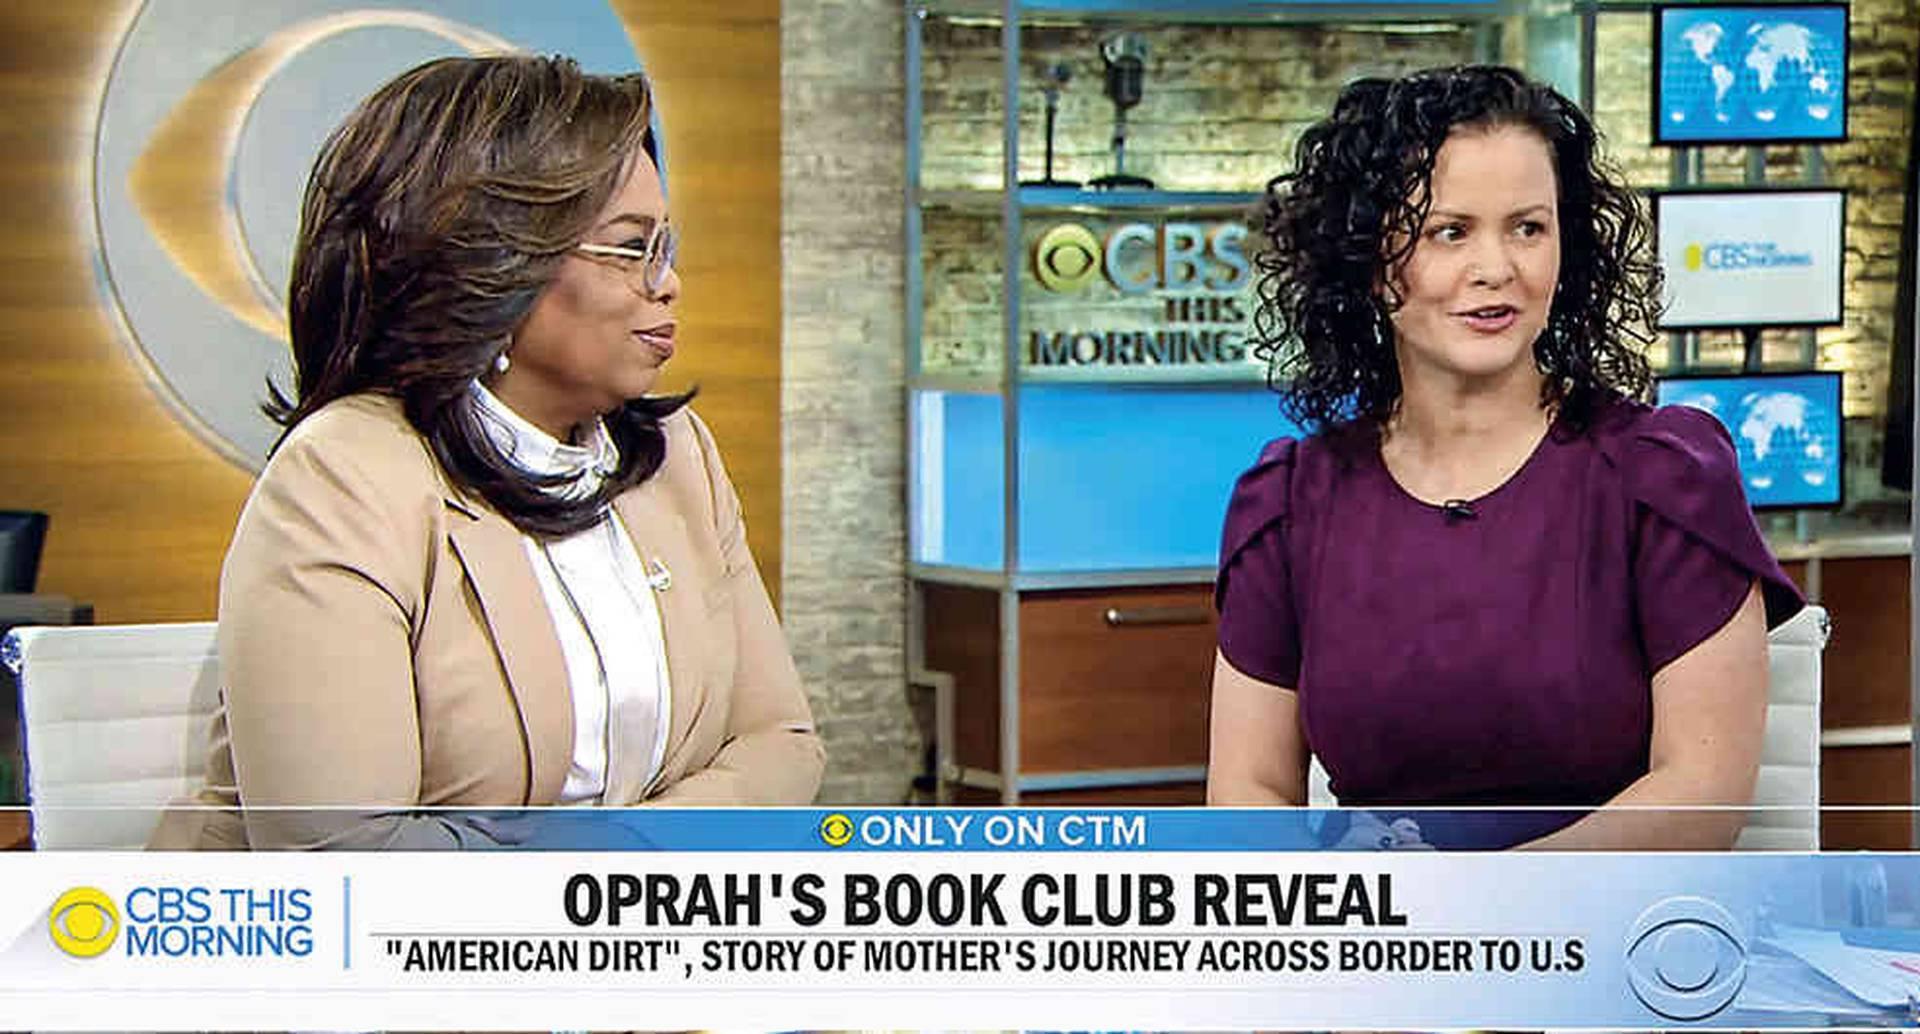 La escritora Jeanine Cummins vivió el mejor día de su vida cuando recibió la llamada de Oprah Winfrey para anunciarle que recomendaría su libro. Esa exposición sumada a una expectativa ya grande le trajeron más problemas que alegrías.